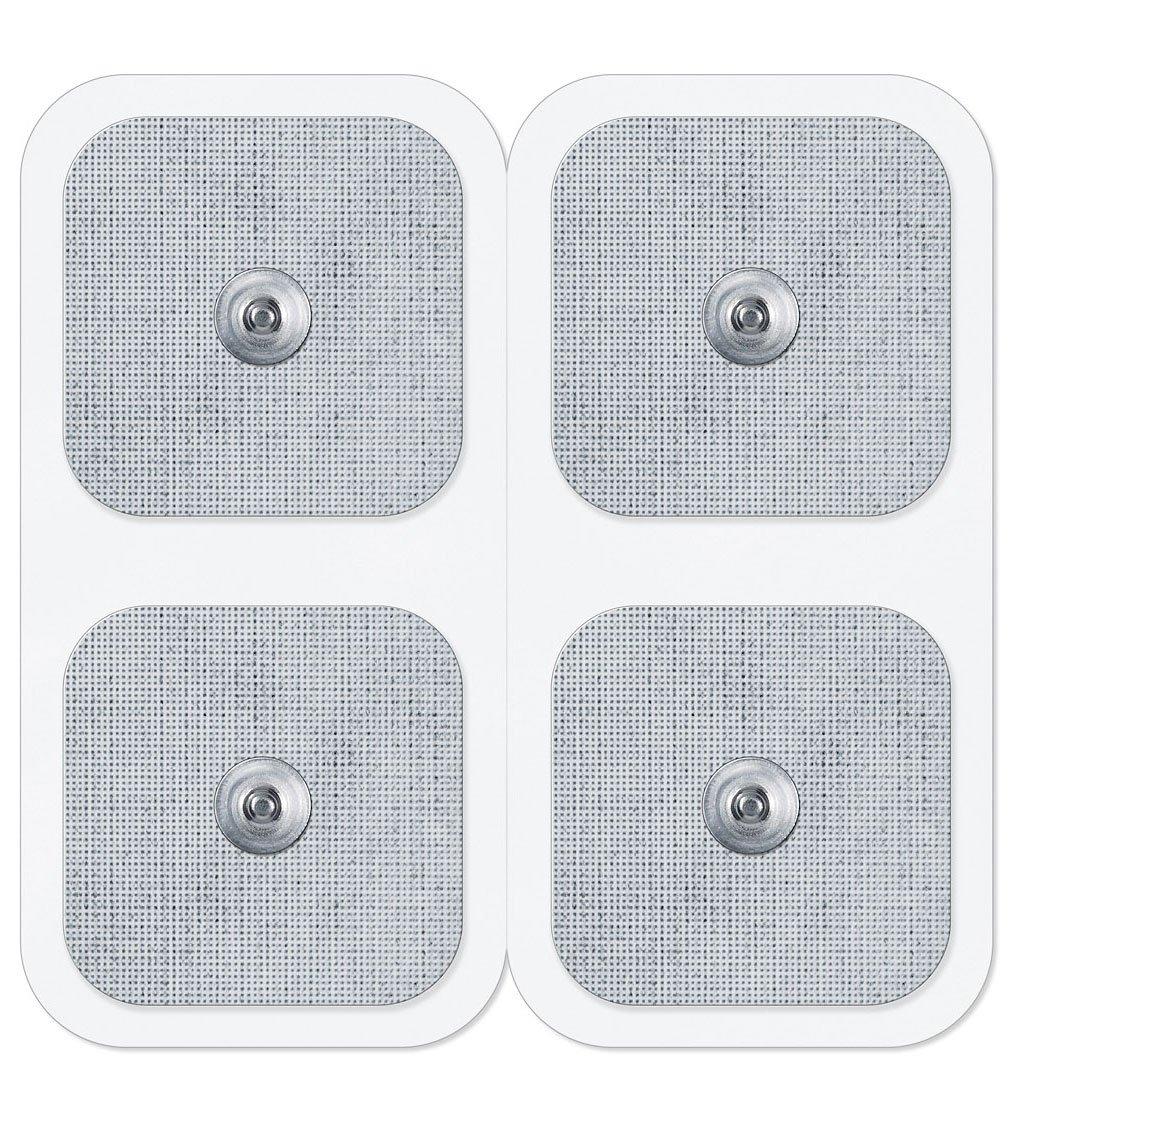 Sanitas Bienestar Dispositivo de electroestimulación, blanco: Amazon.es: Hogar